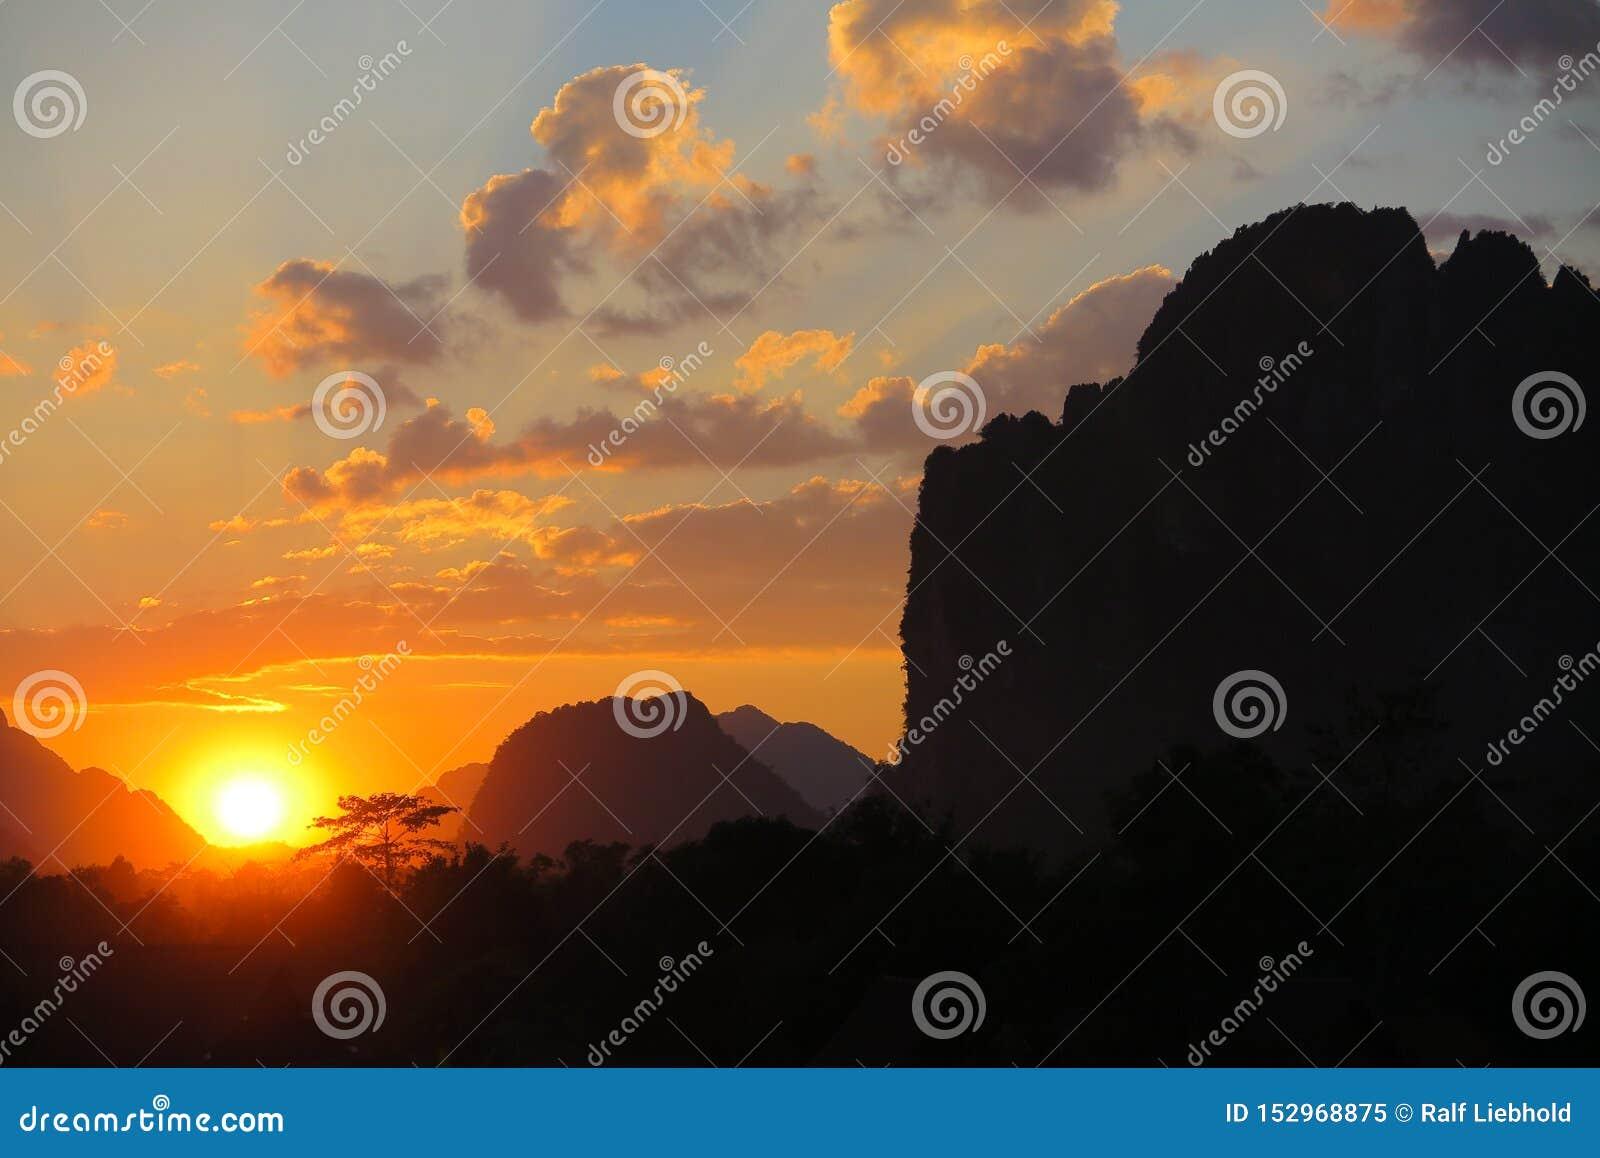 Заход солнца с желтыми золотыми цветами и черным силуэтом горной цепи известняка karst - Vang Vieng, Лаоса